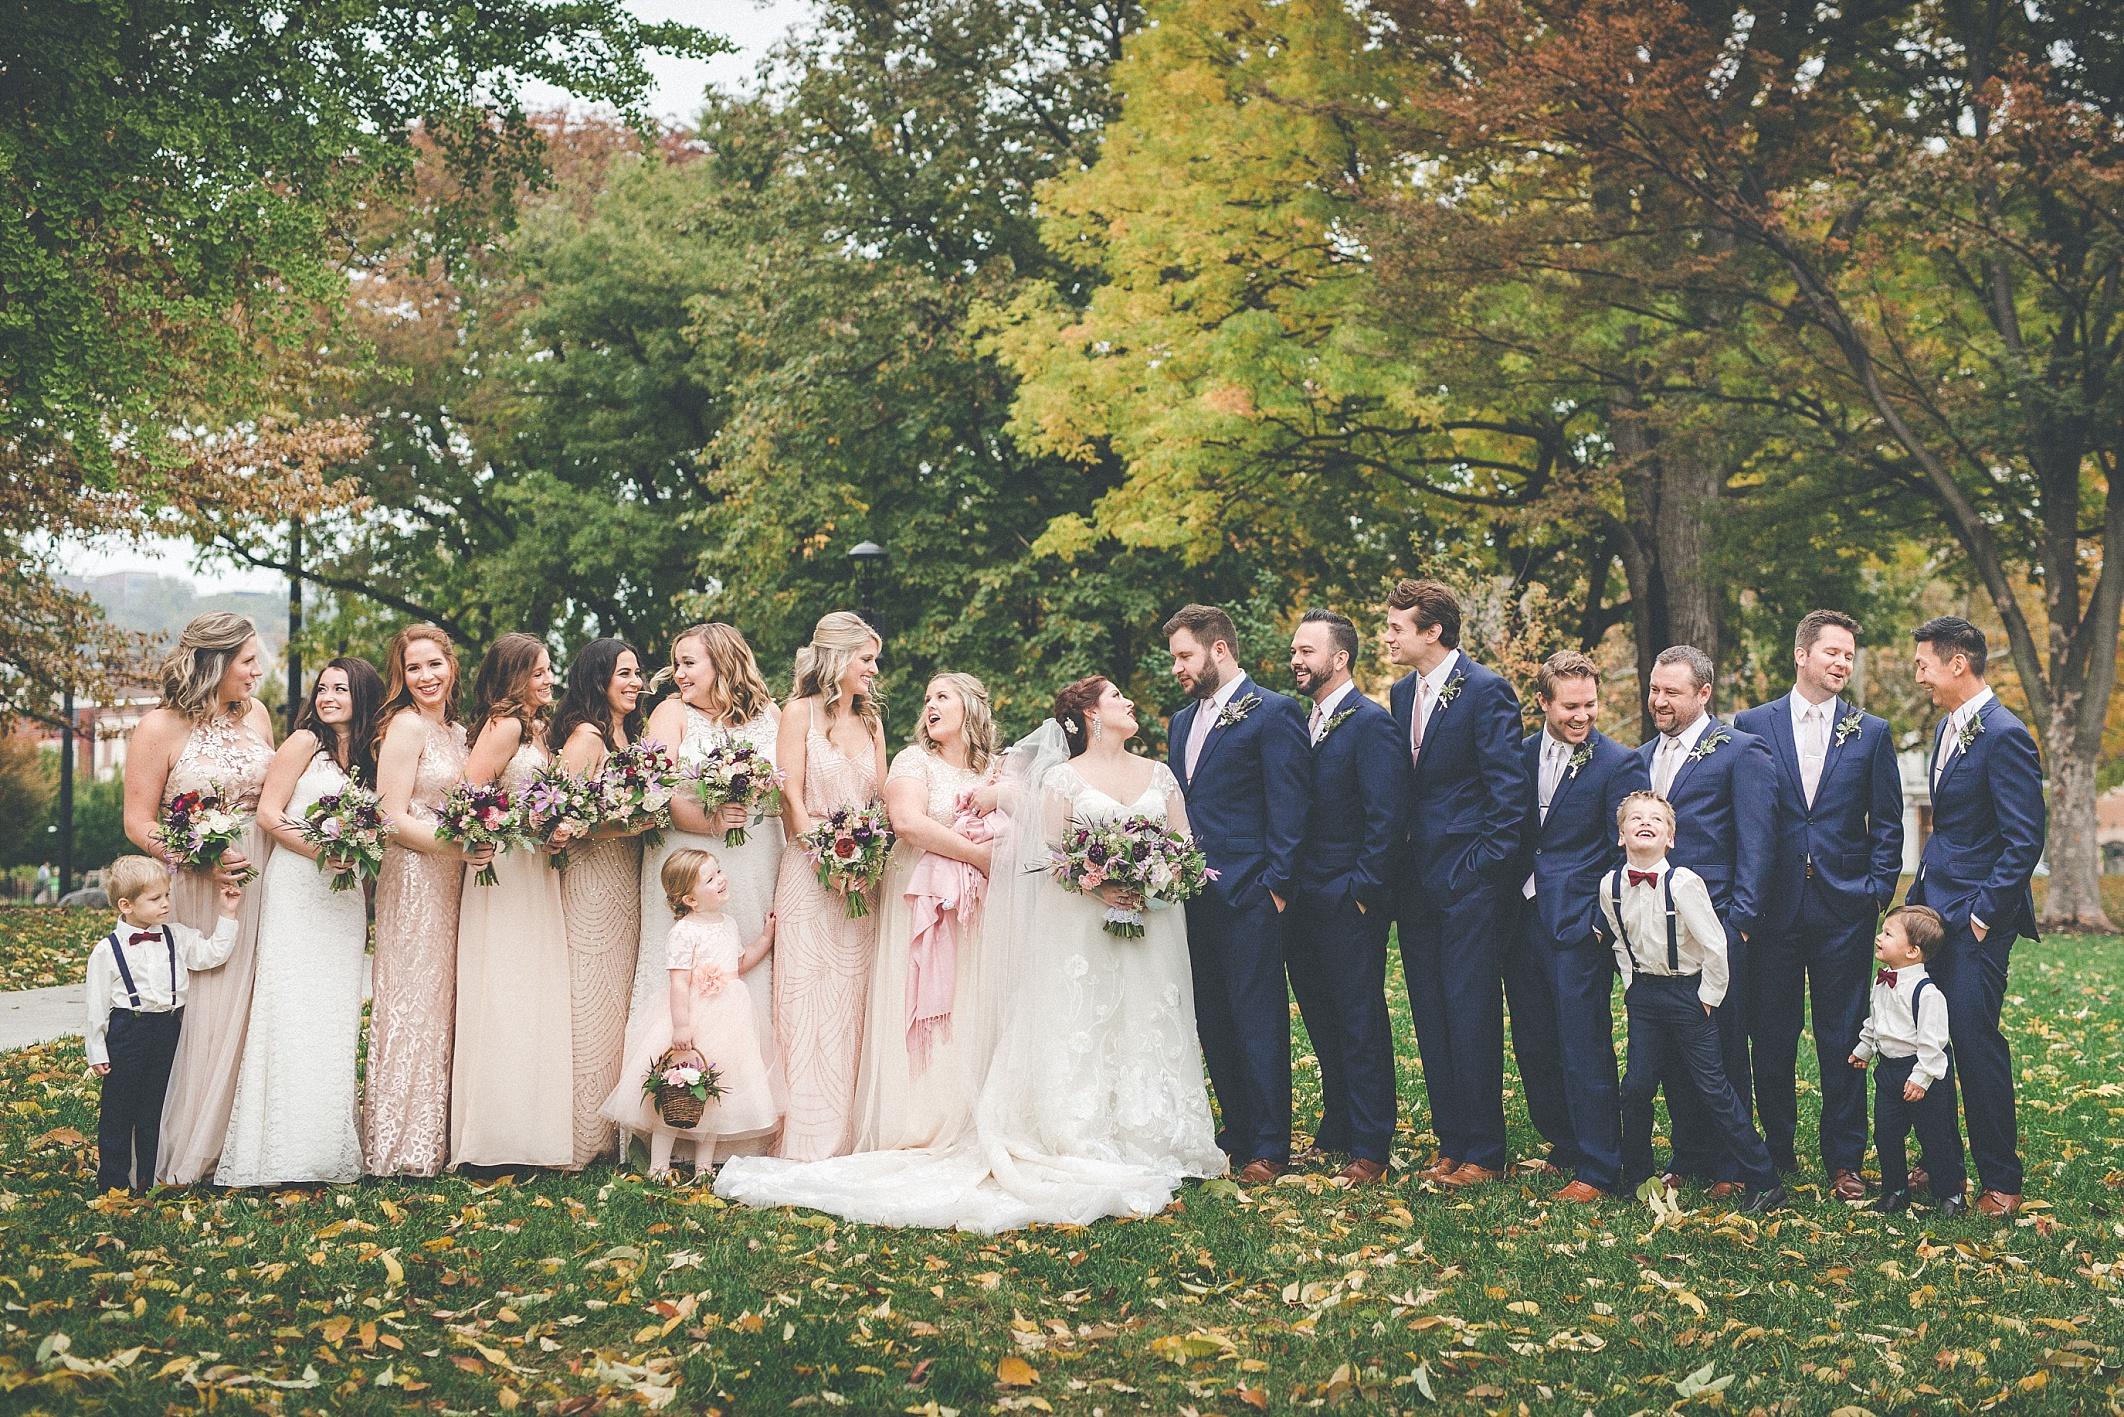 hilary-aaron-cincinnati-trancept-wedding-photographer-dayton-ohio_0010.jpg